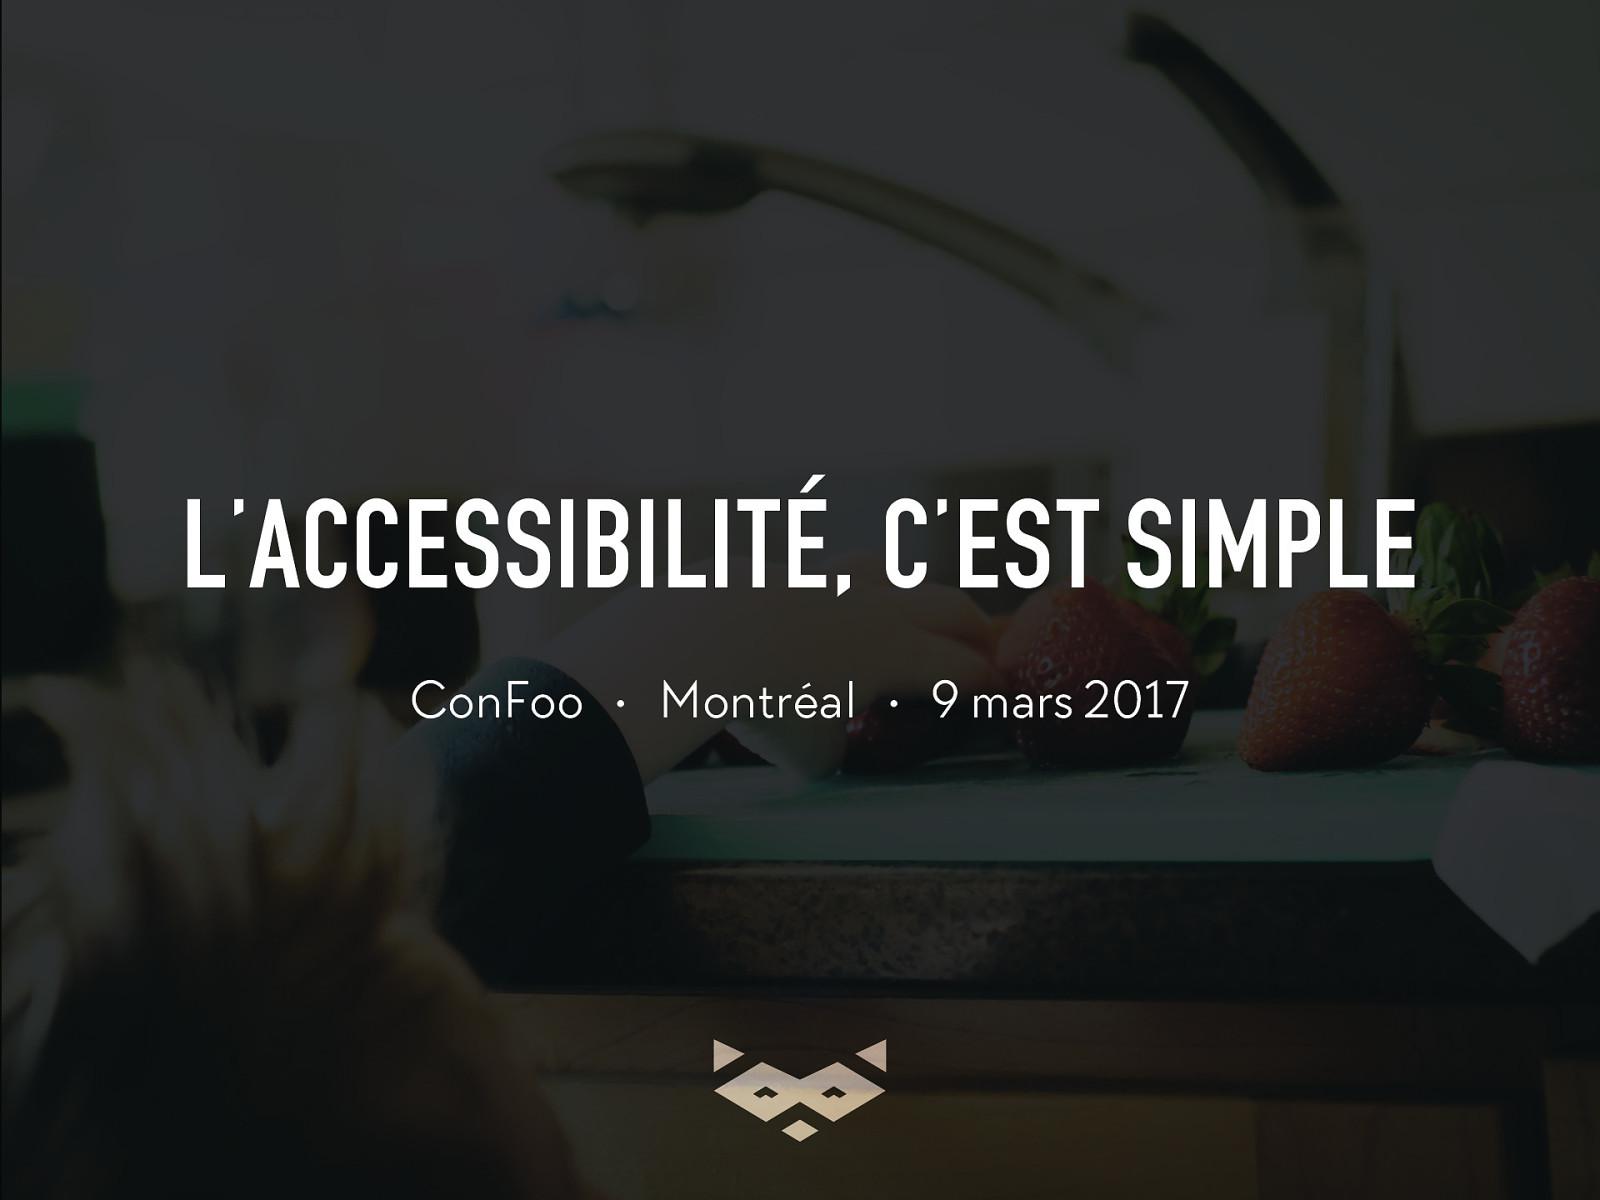 L'accessibilité, c'est simple : revoyons les bases